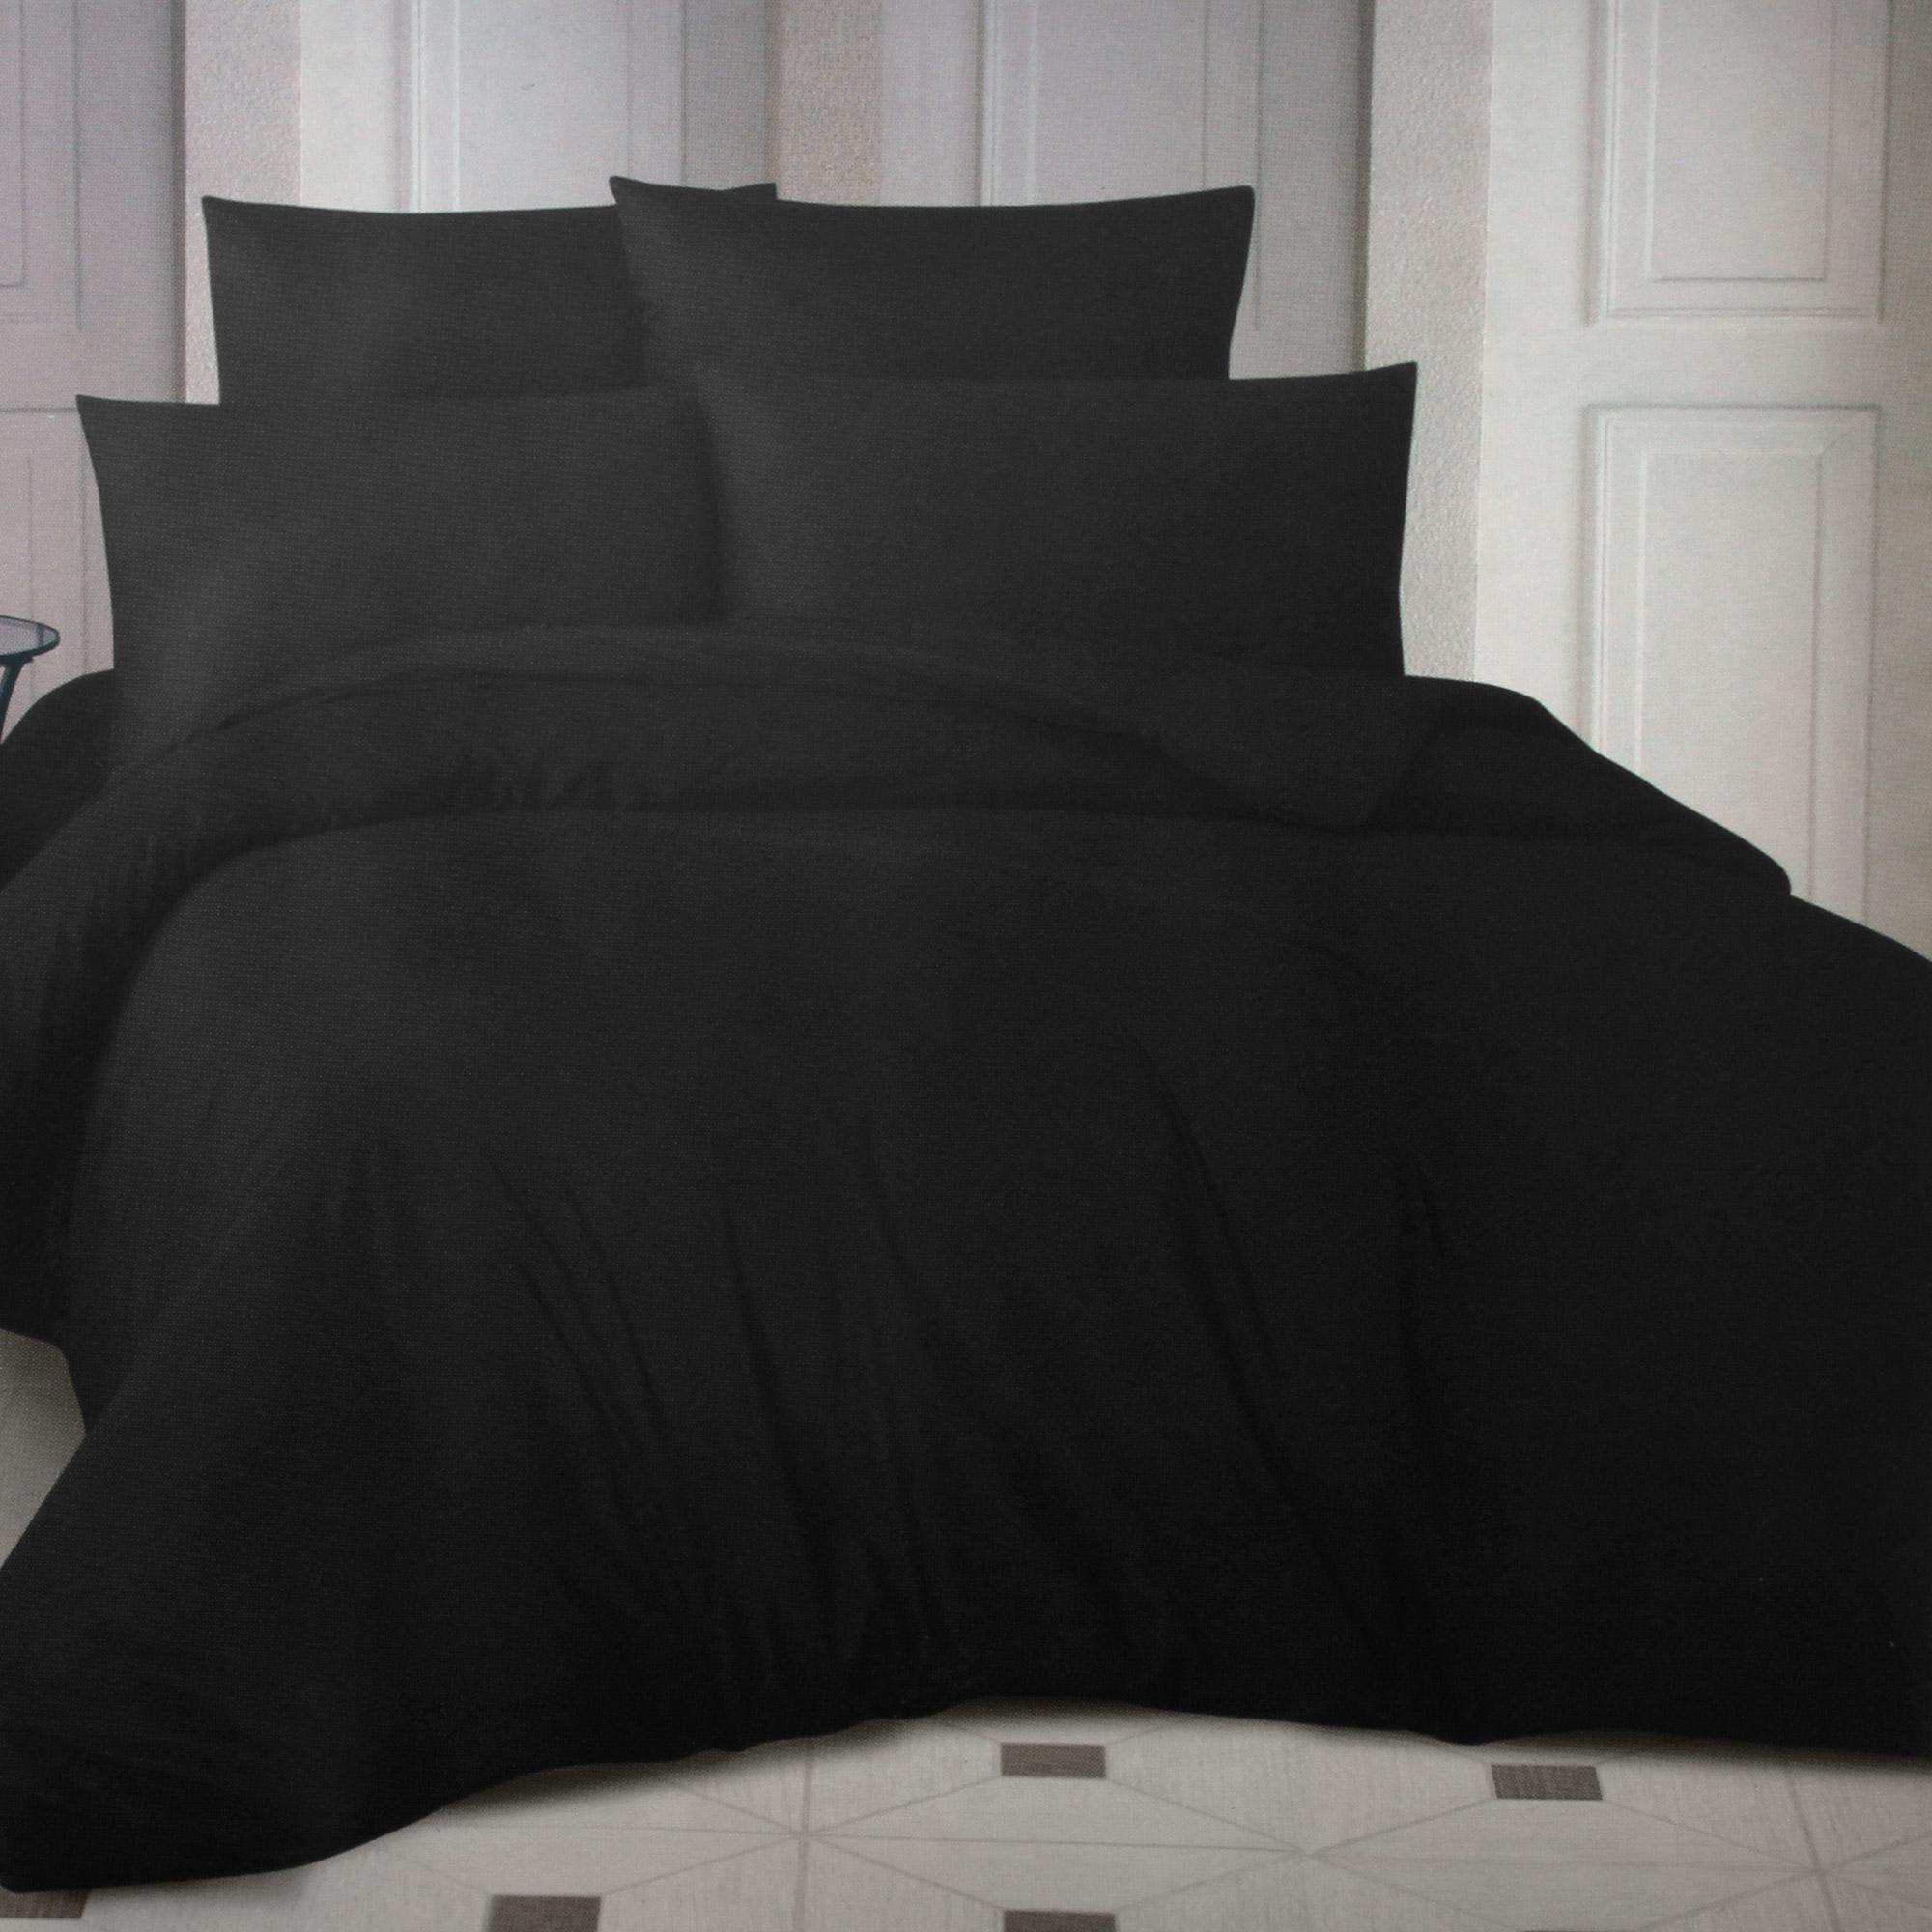 Фото - Комплект постельного белья La Besse Ранфорс чёрный Семейный комплект постельного белья la besse ранфорс тёмно серый евро